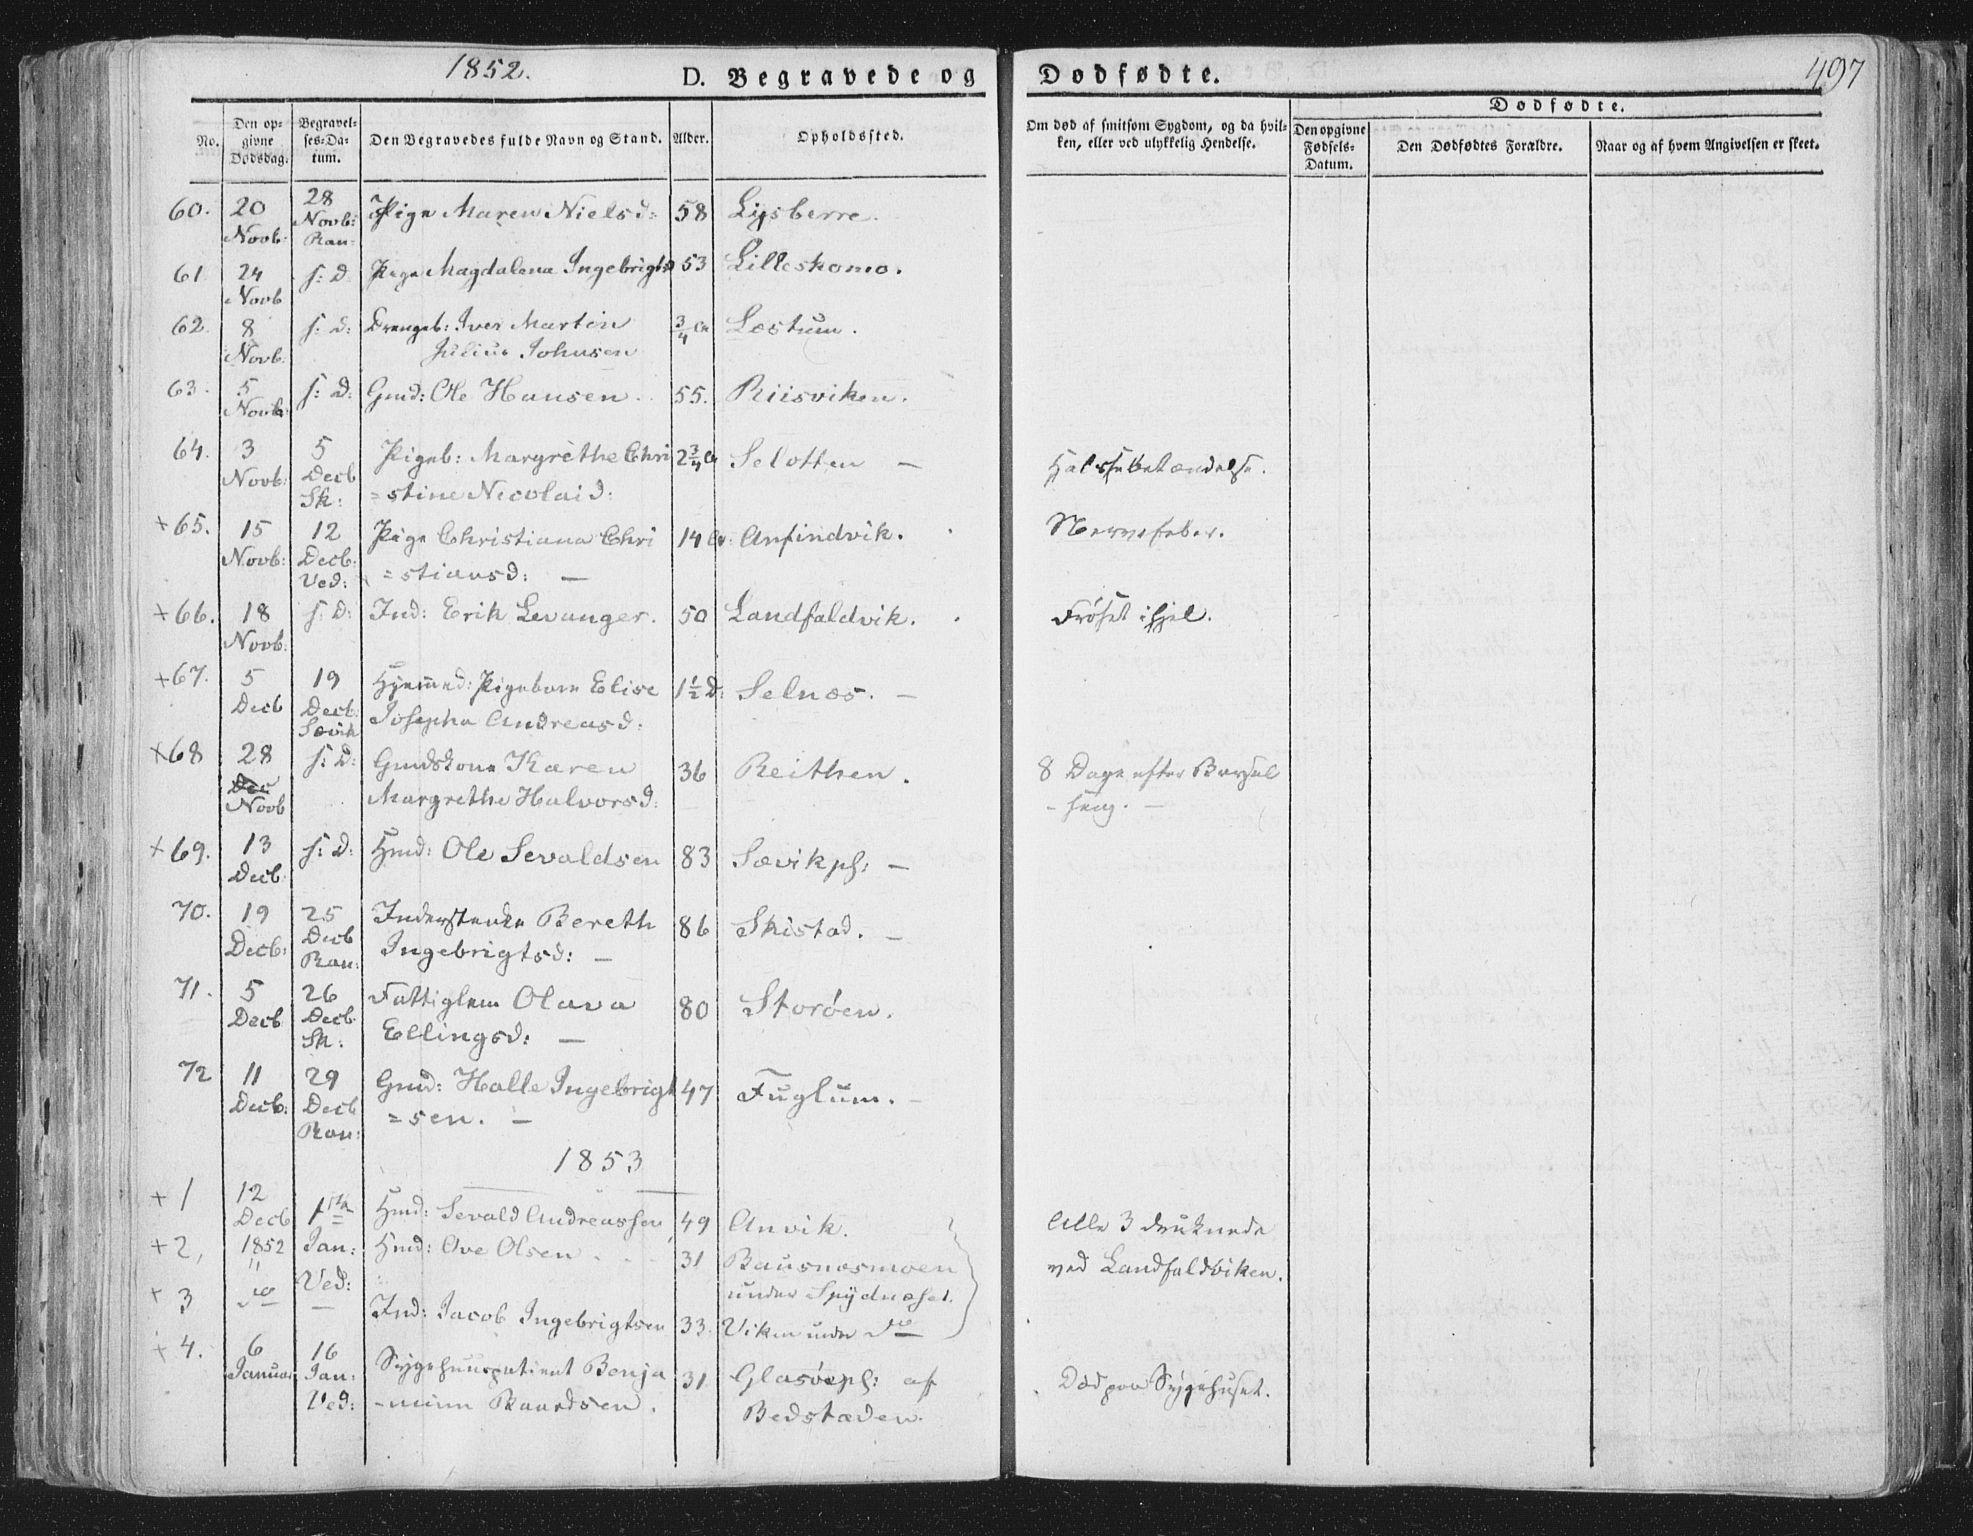 SAT, Ministerialprotokoller, klokkerbøker og fødselsregistre - Nord-Trøndelag, 764/L0552: Ministerialbok nr. 764A07b, 1824-1865, s. 497